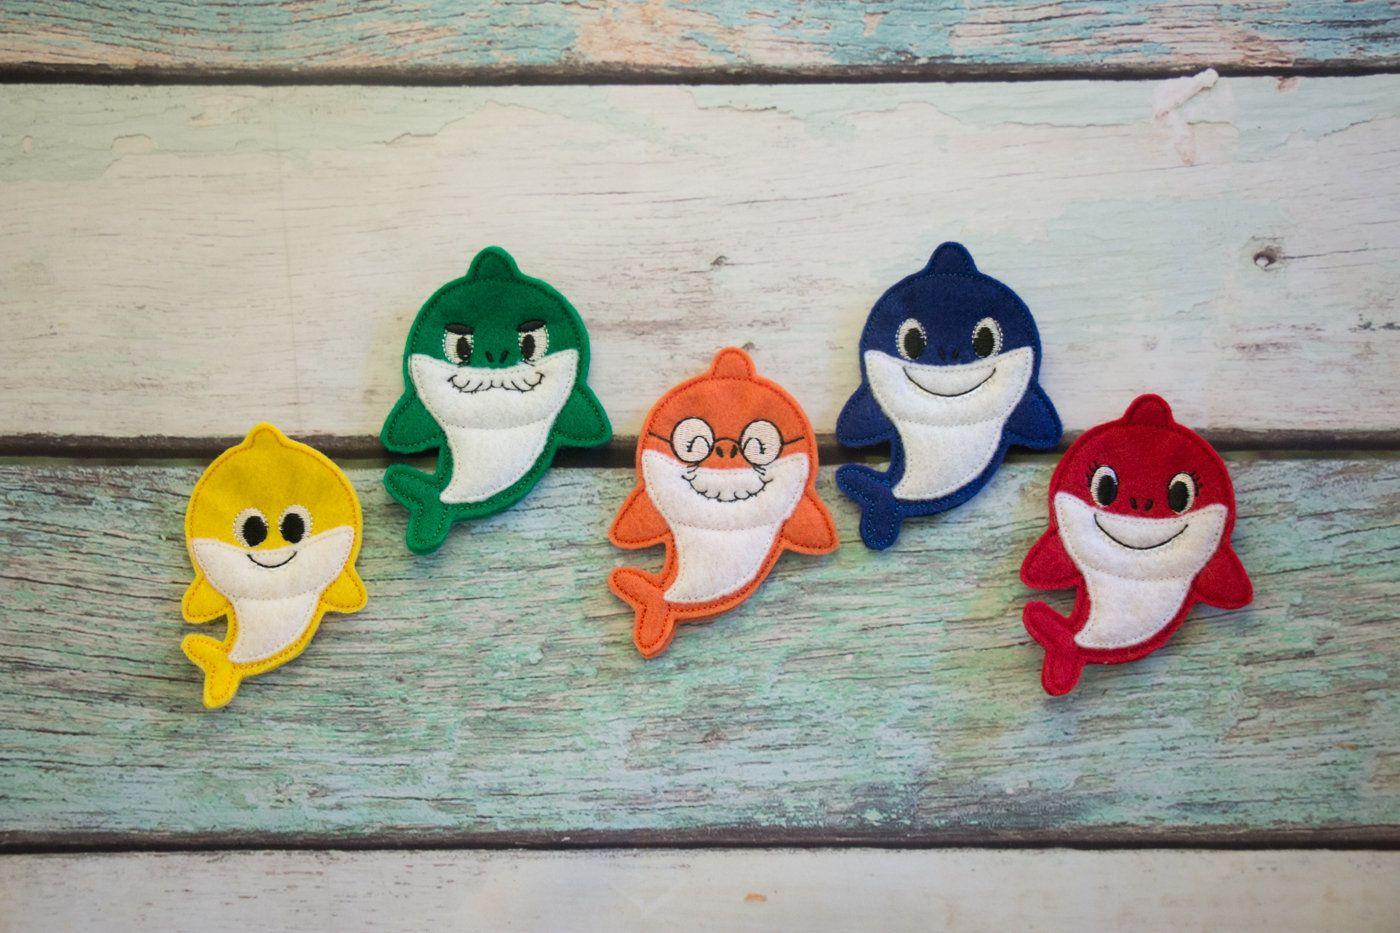 Abuelo shark clipart banner stock Baby Shark Finger Puppet, Pretend Play, Imagination, Easter Basket ... banner stock